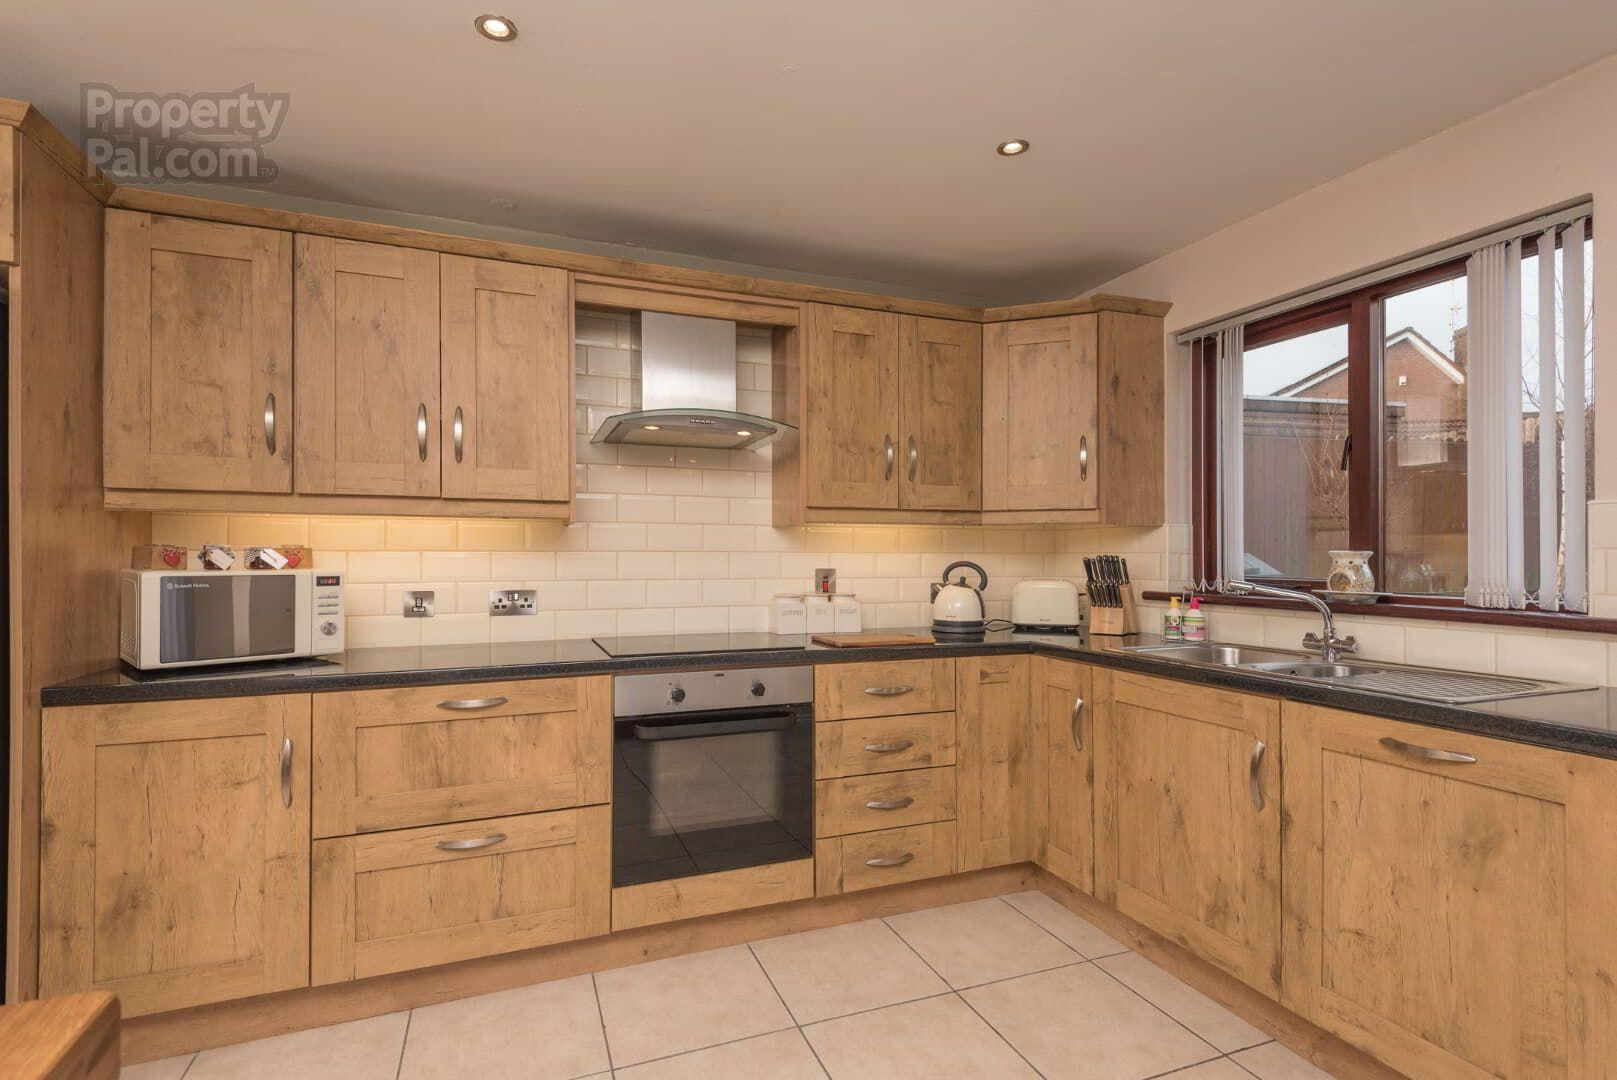 52 Breezemount, Hamiltonsbawn   Kitchen cabinet storage ...